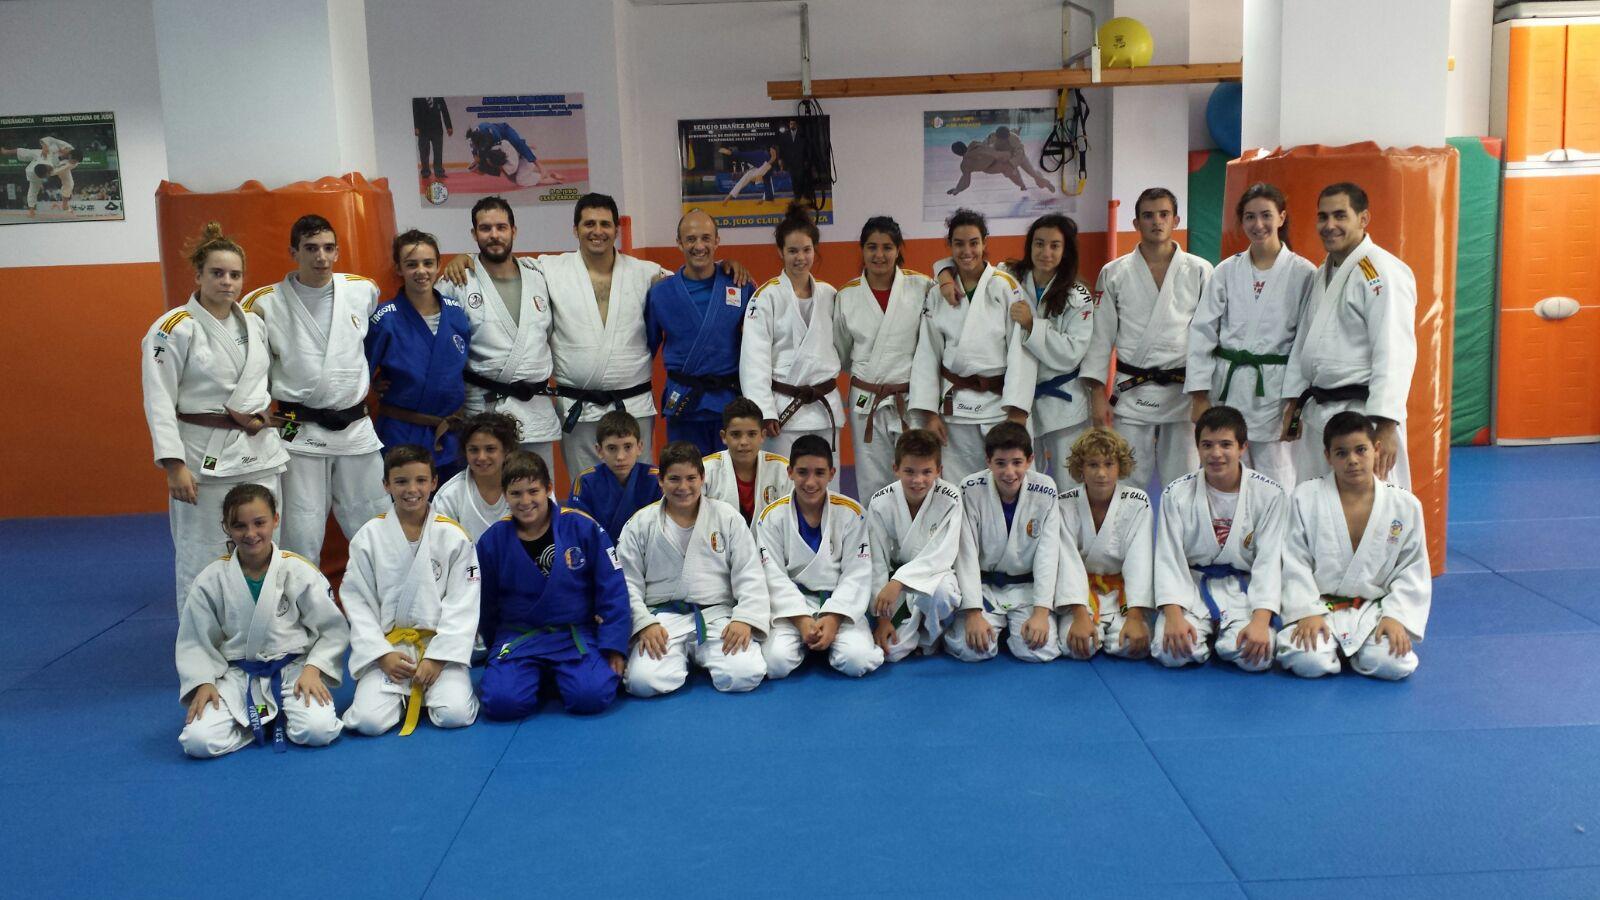 Entrenamiento de sábado con el gimnasio Ibón (Huesca)